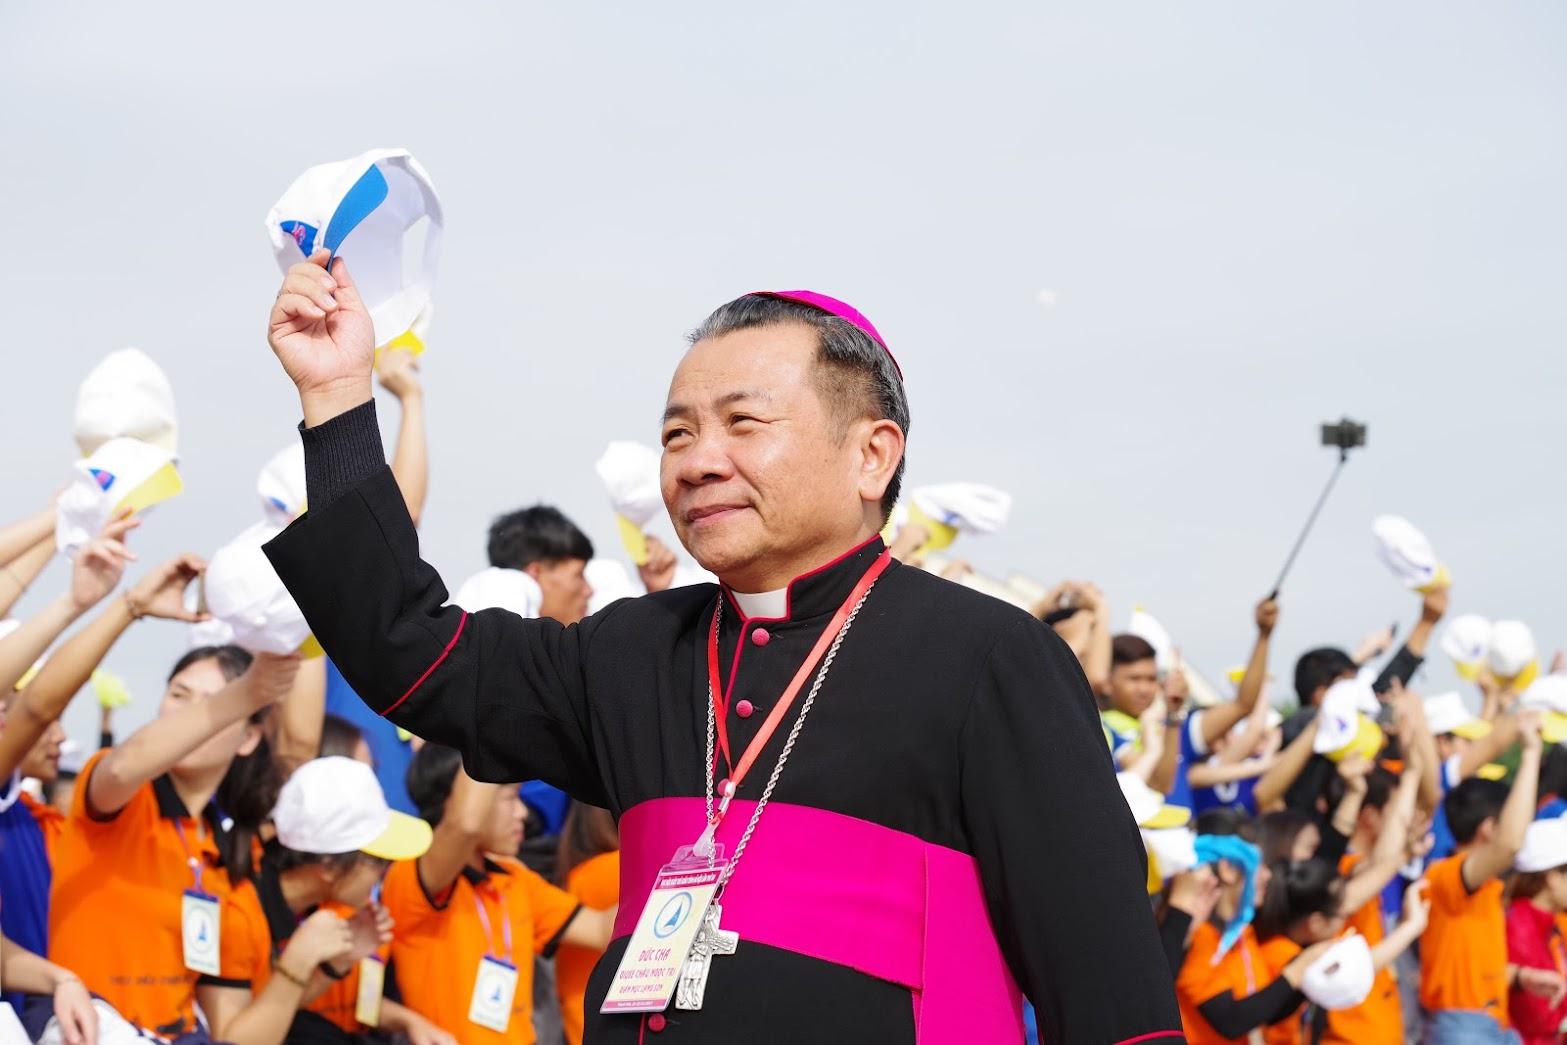 Những hình ảnh đẹp về lễ khai mạc Đại Hội Giới Trẻ giáo tỉnh Hà Nội lần thứ XV tại Thanh Hóa - Ảnh minh hoạ 13